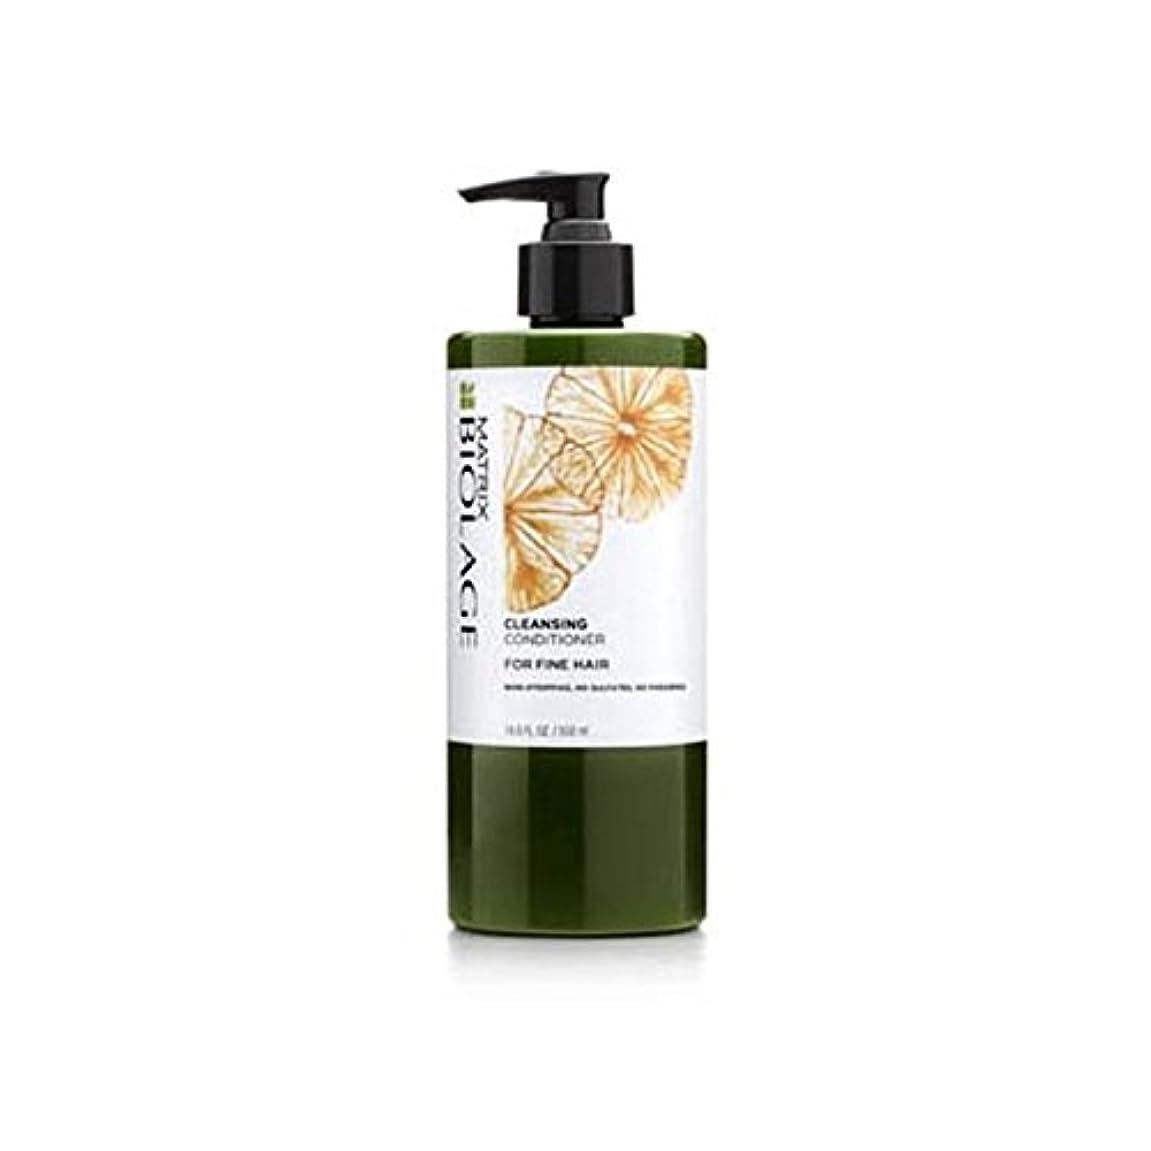 透過性研究食事マトリックスバイオレイジクレンジングコンディショナー - 細い髪(500ミリリットル) x2 - Matrix Biolage Cleansing Conditioner - Fine Hair (500ml) (Pack...